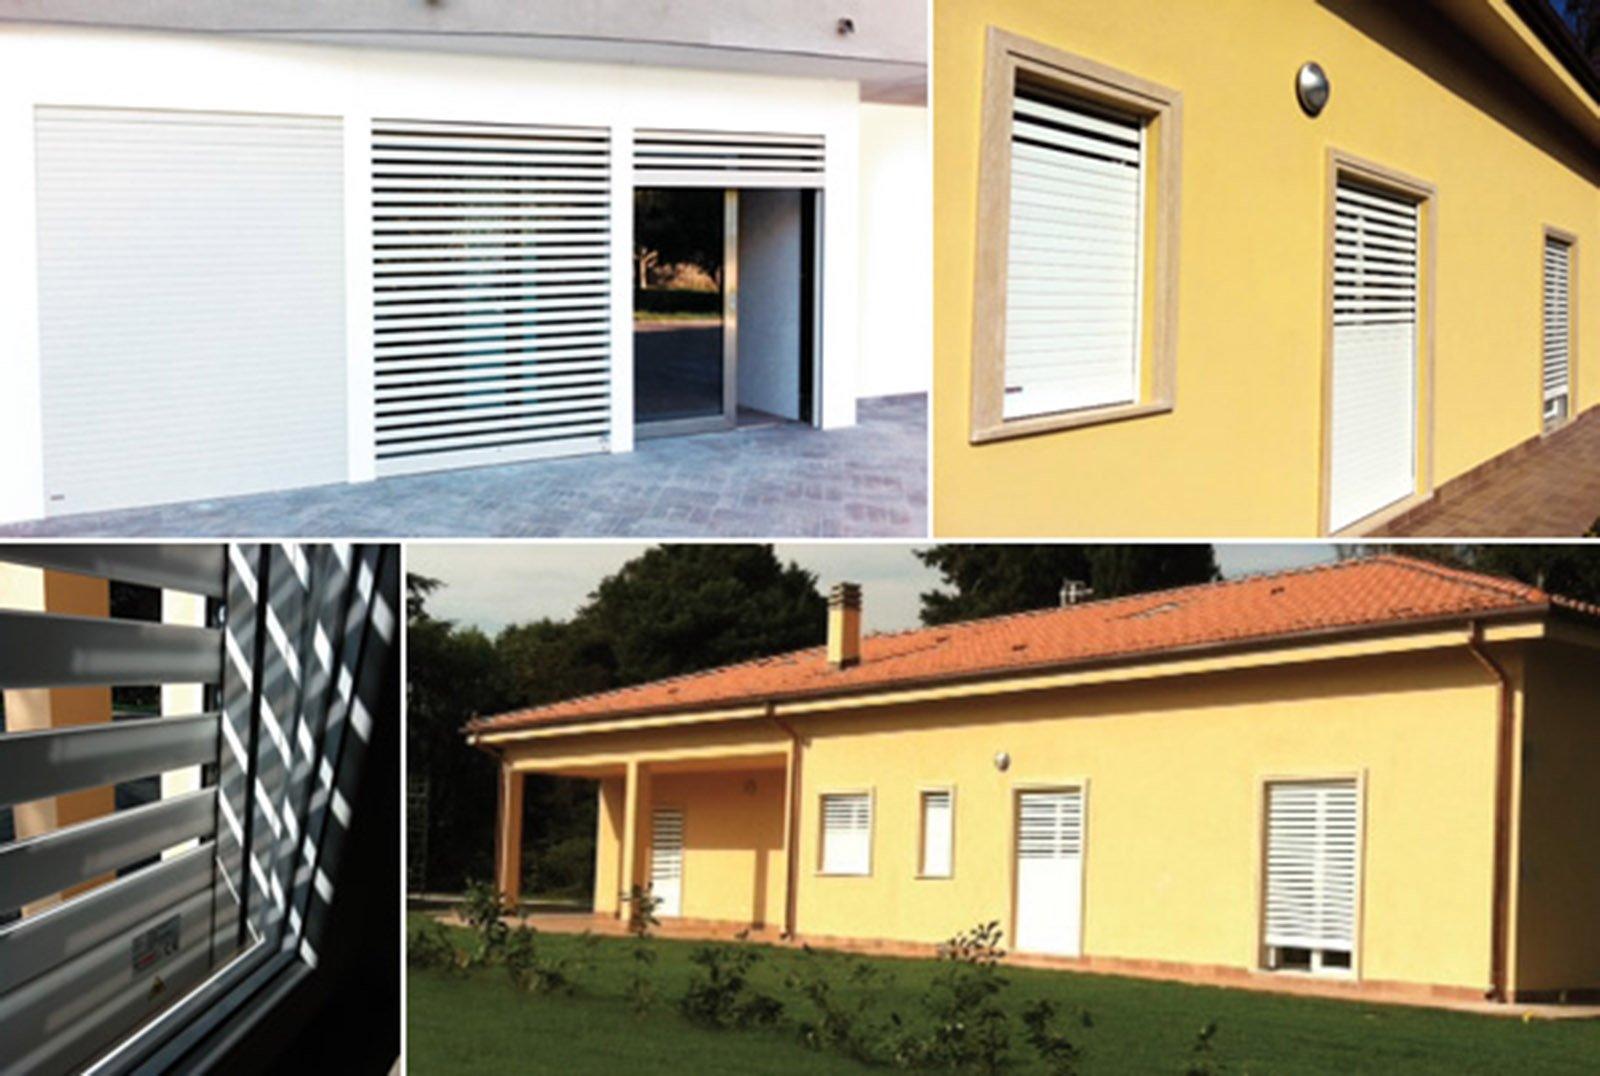 Tapparelle per aumentare sicurezza cose di casa - Tapparelle per finestre ...